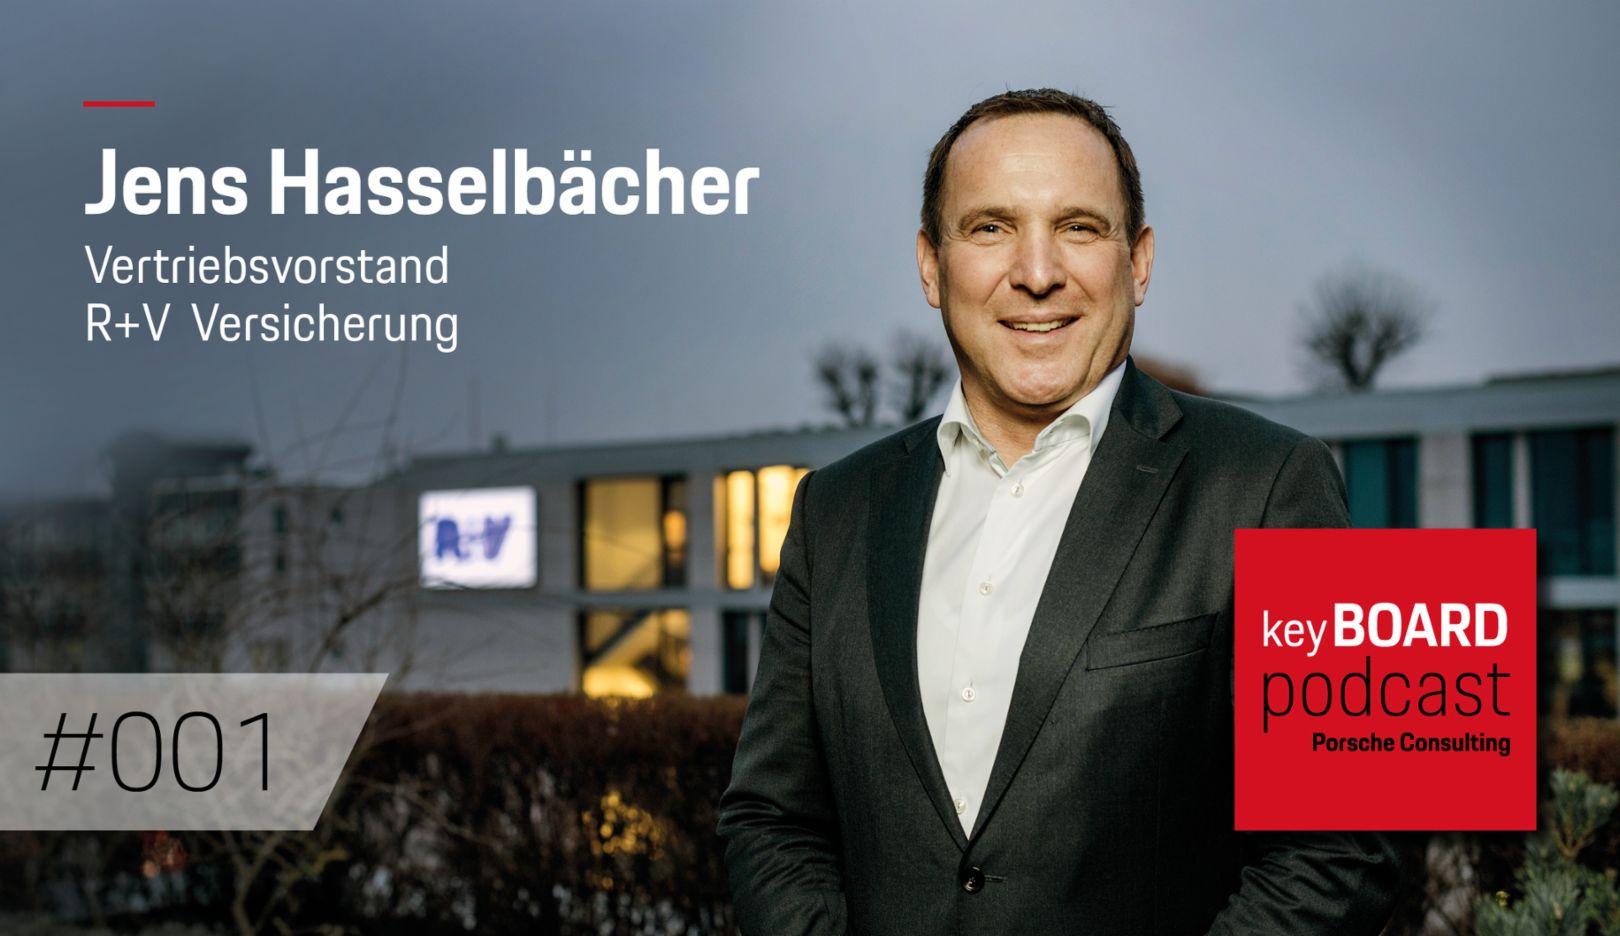 Jens Hasselbächer, R+V-Vorstand, 2019, Porsche Consulting GmbH